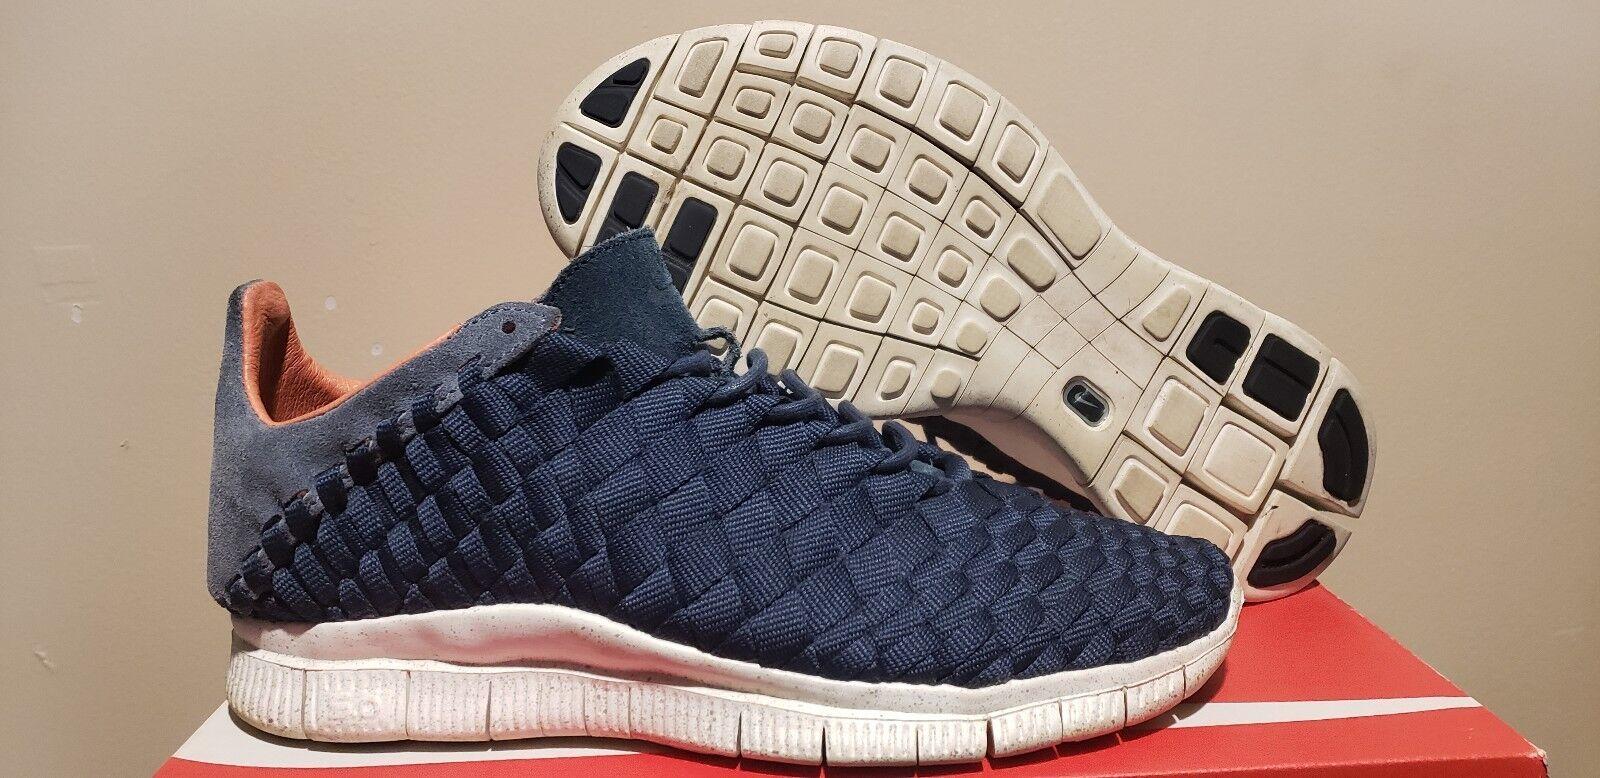 Nike Free Inneva Woven Size 10 Style 579916 444 HTM QS NSW